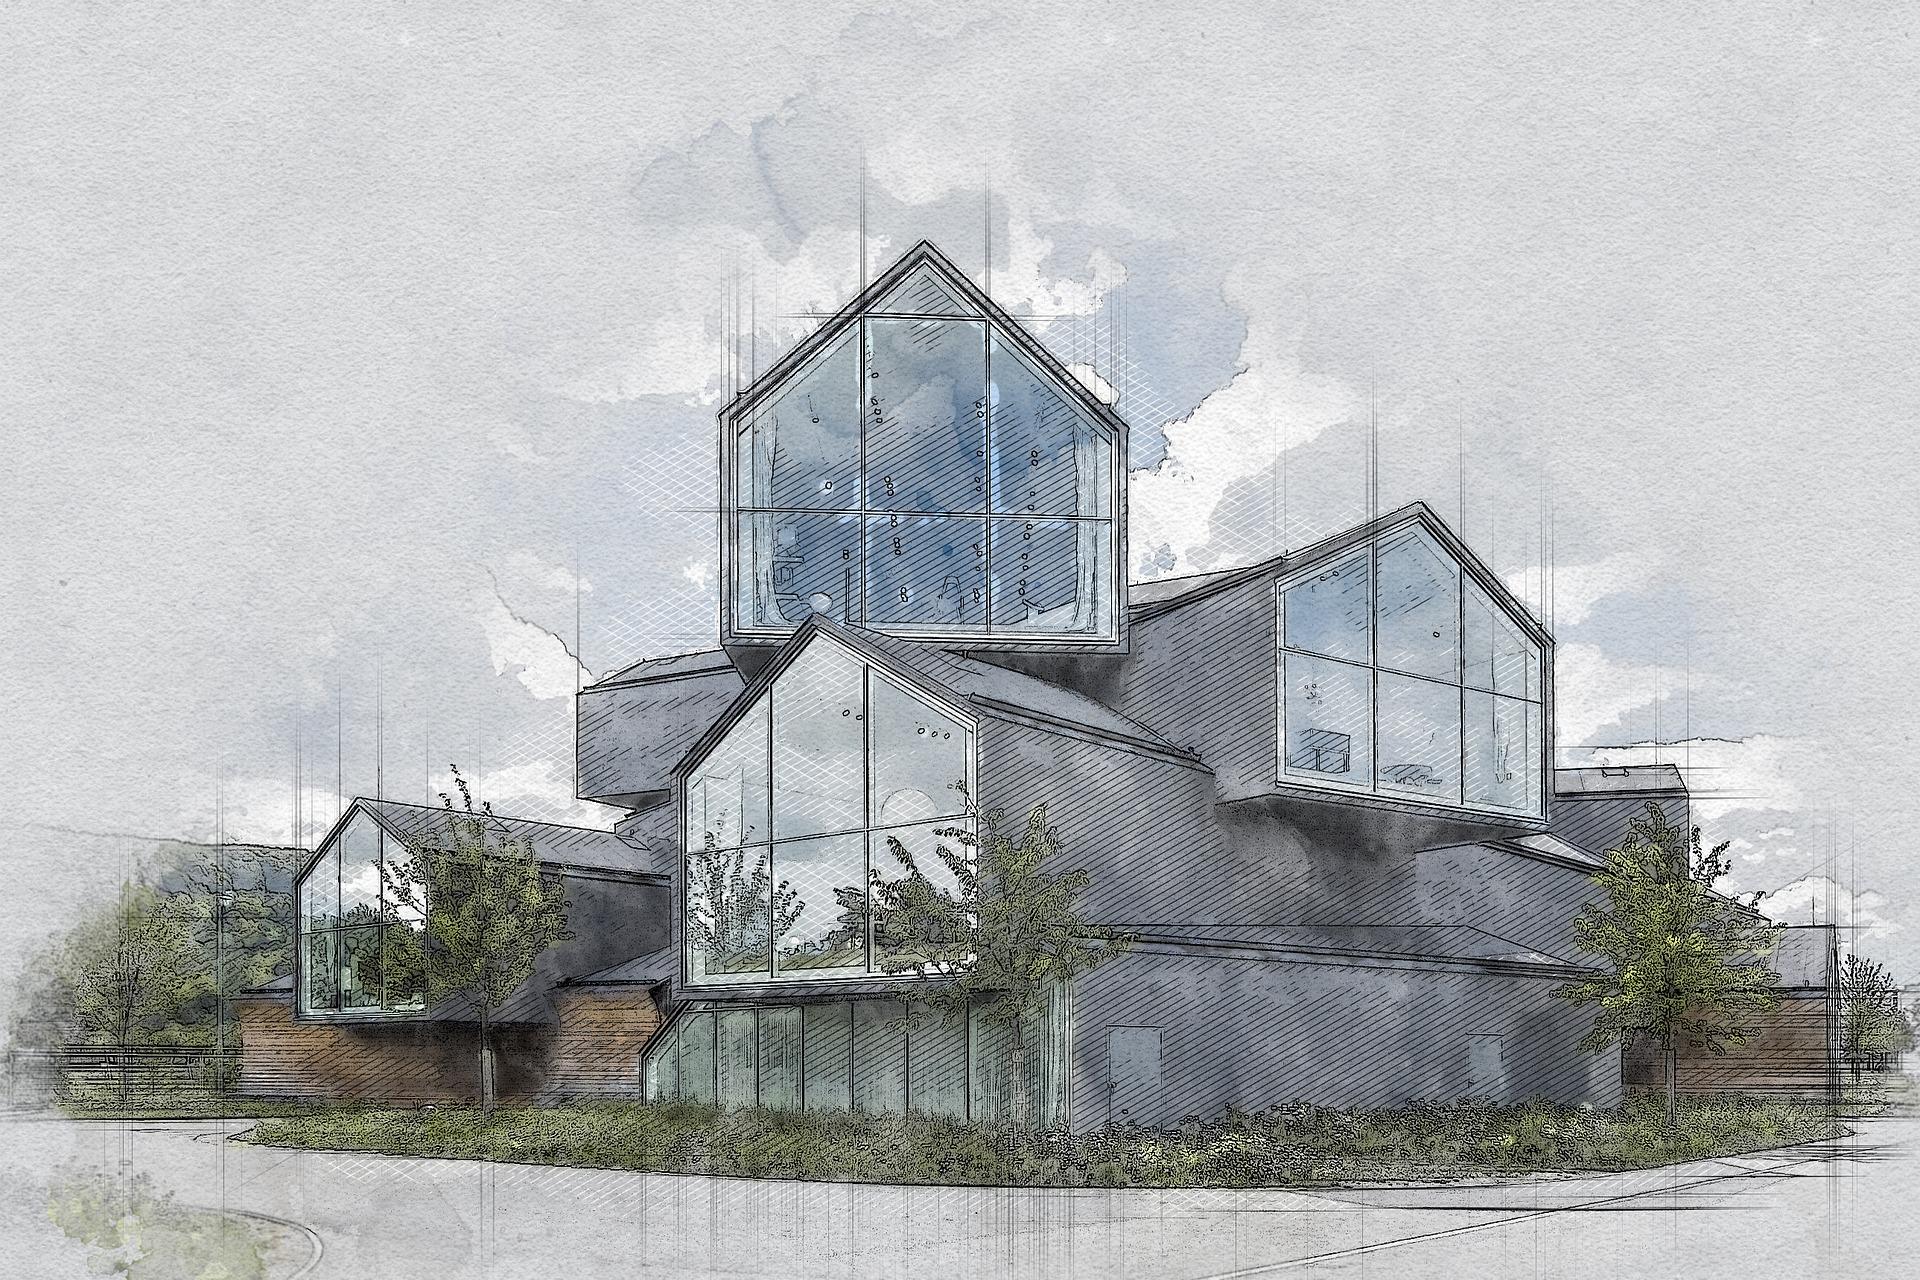 建築士資格は必要?建築デザイナーの面接対策を分かりやすく解説!